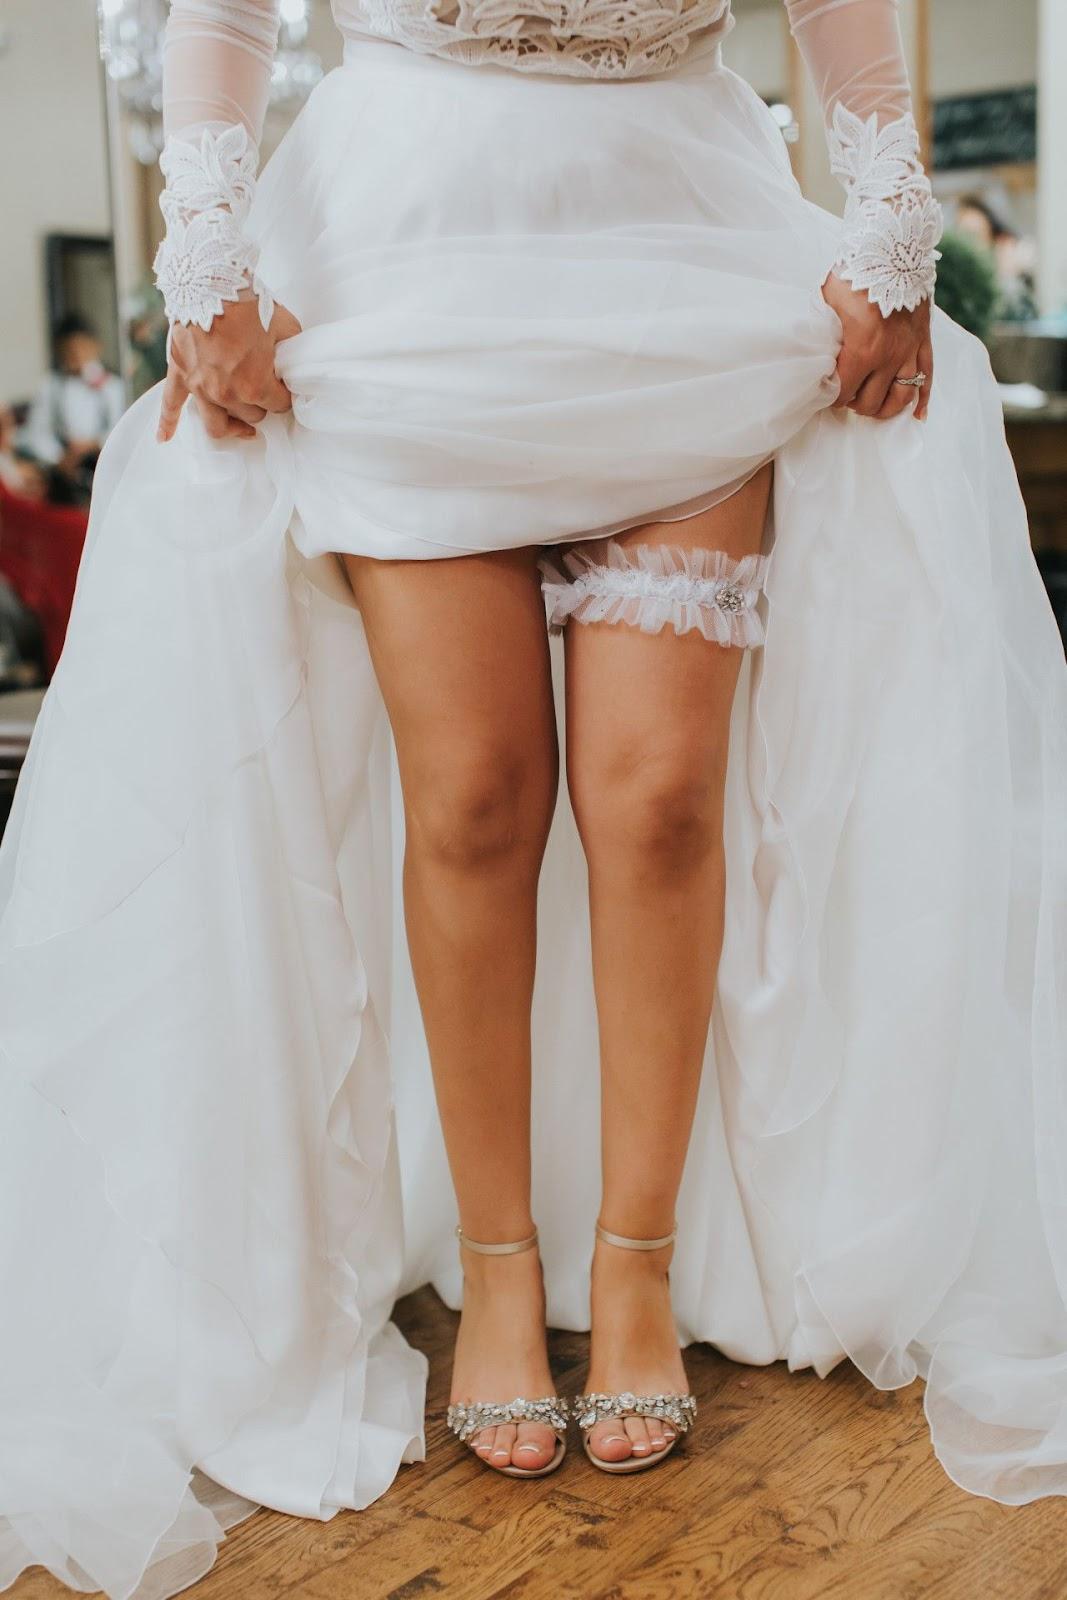 garter under dress